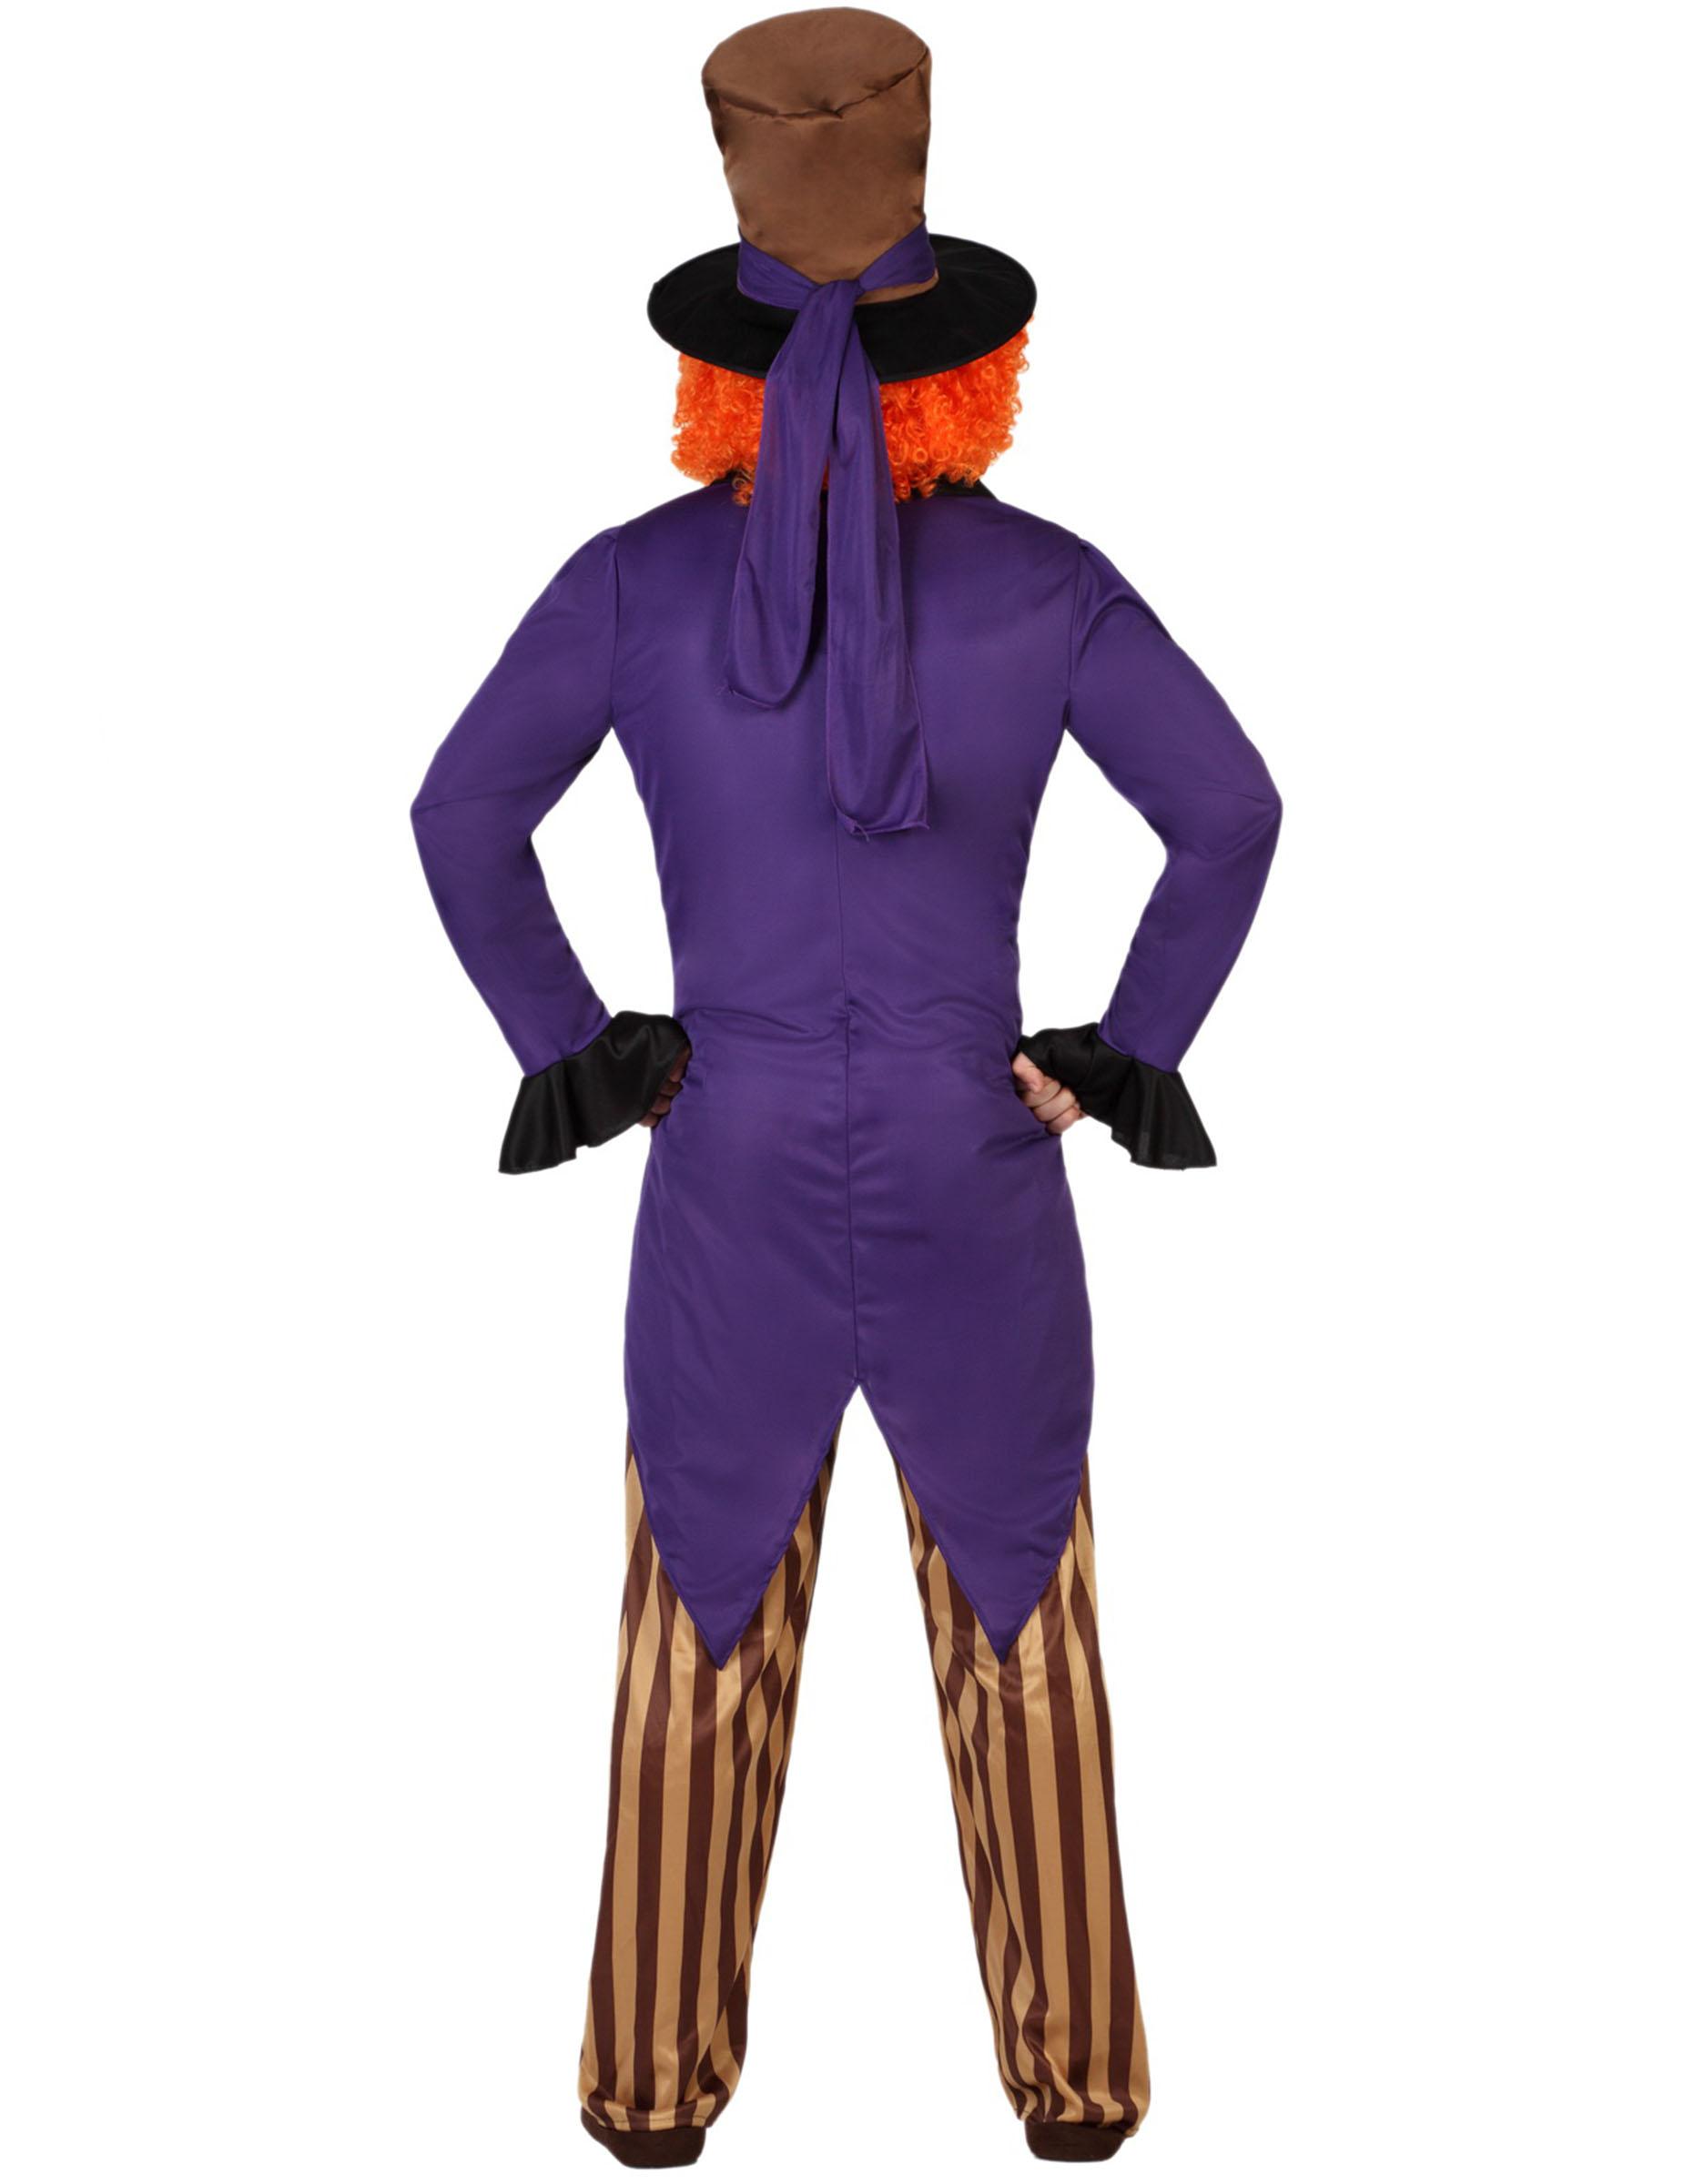 Disfraz de sombrerero loco hombre: Disfraces adultos,y disfraces ...